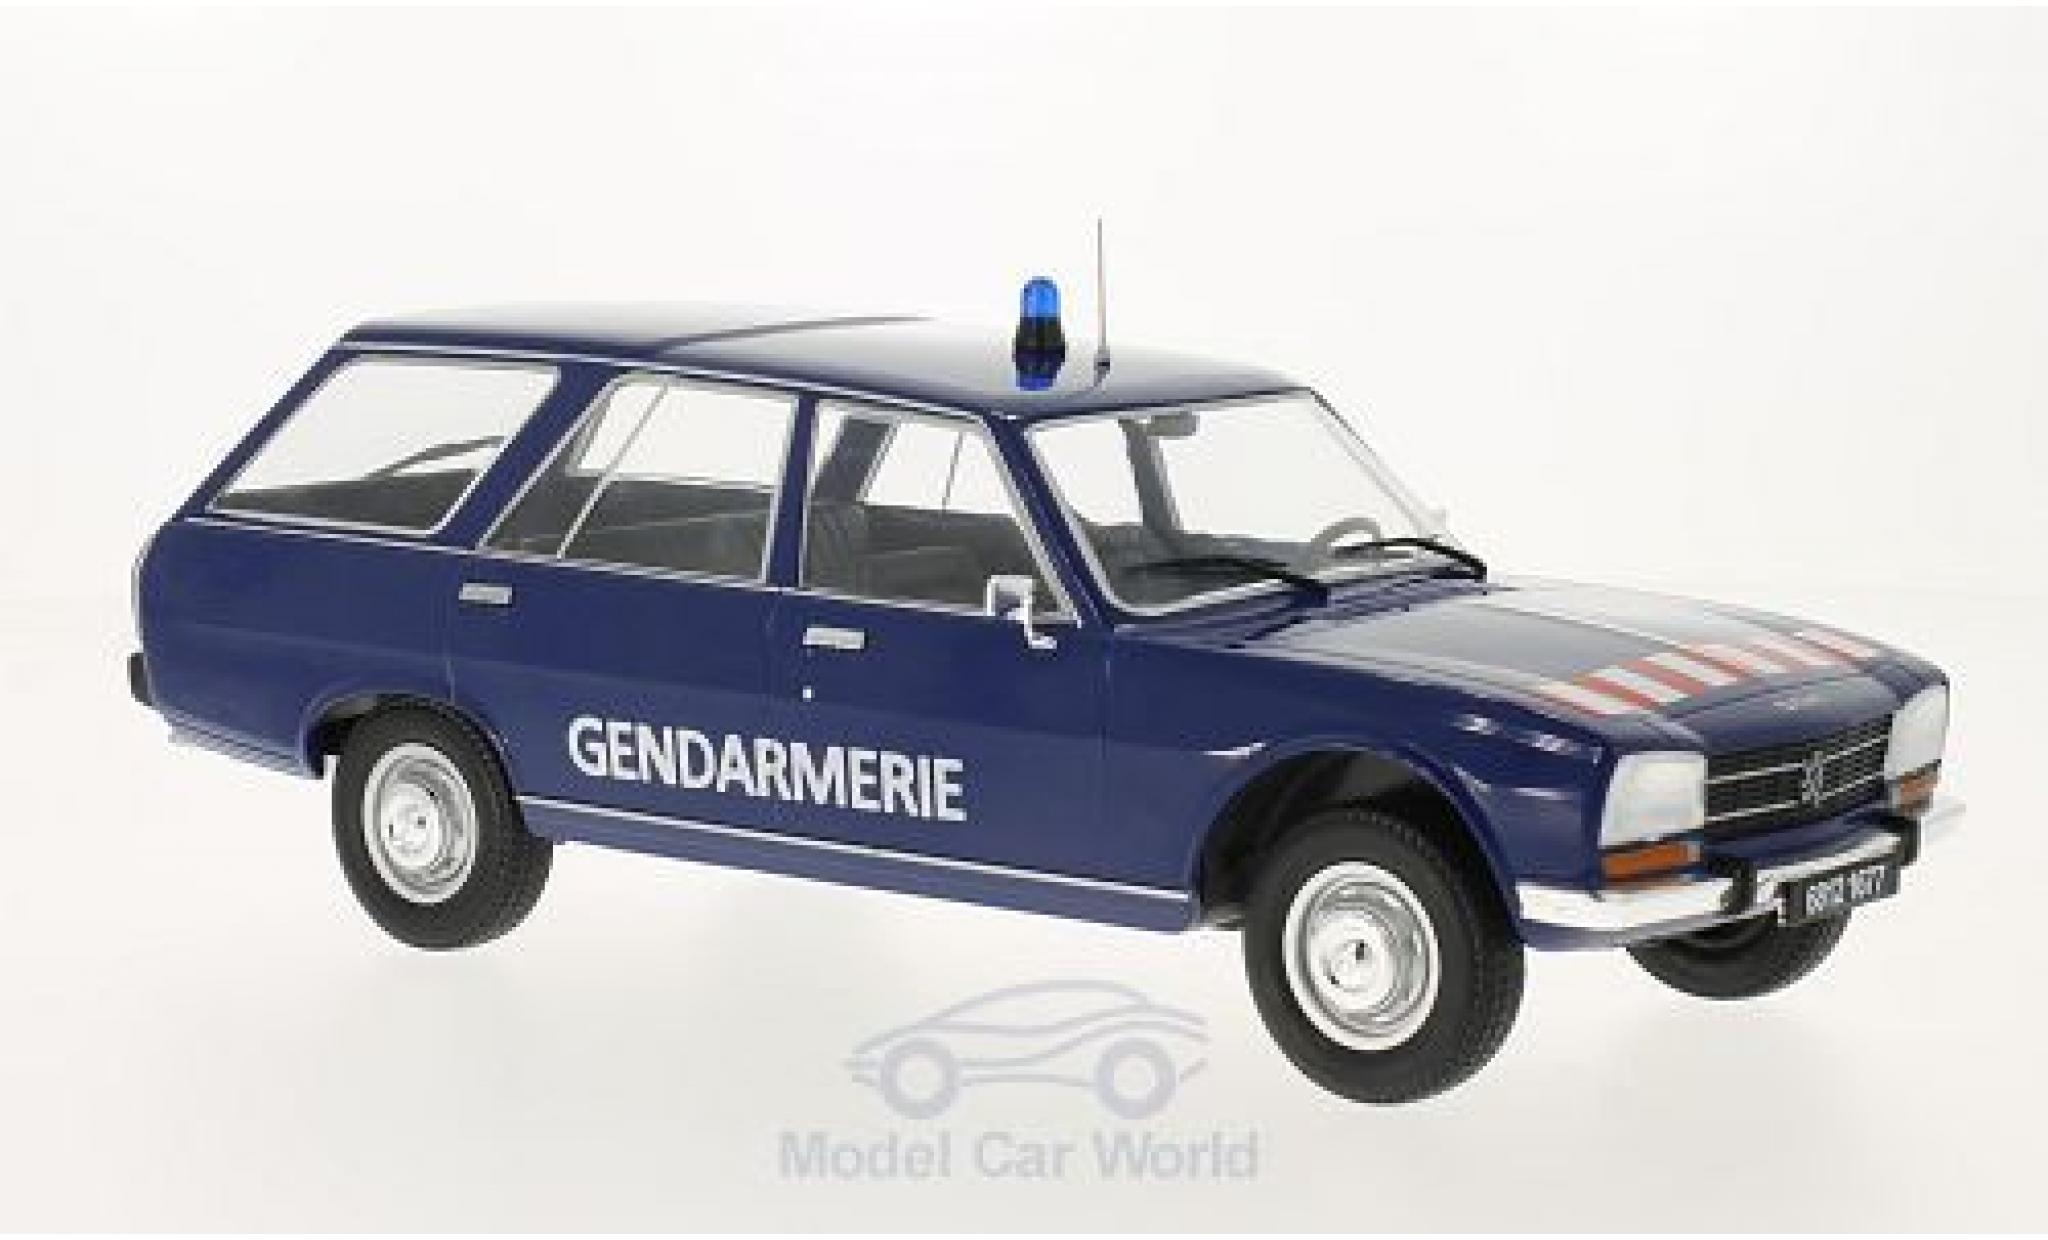 Peugeot 504 Break 1/18 MCG Break bleue Gendarmerie 1976 Türen und Hauben geschlossen